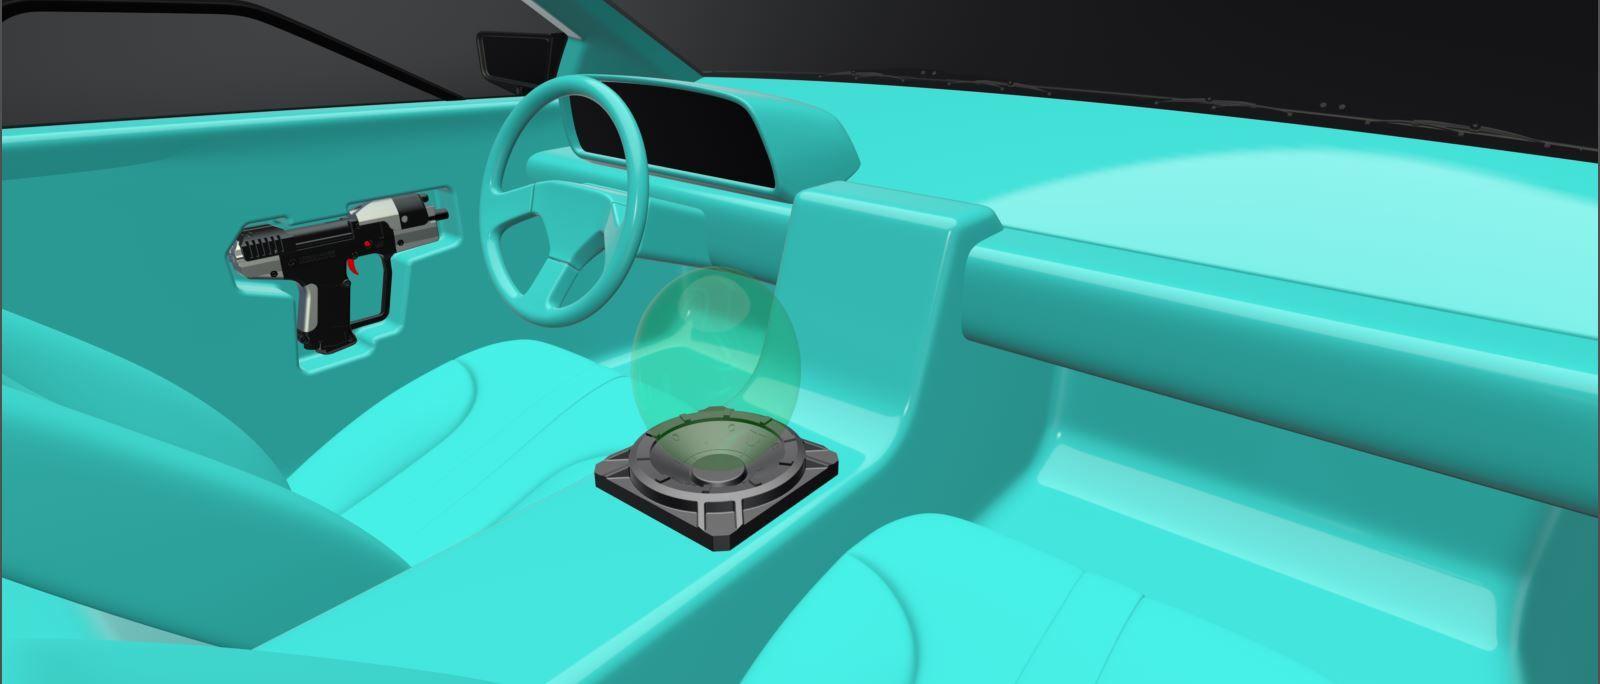 Preliminar-render-interior-3500-3500